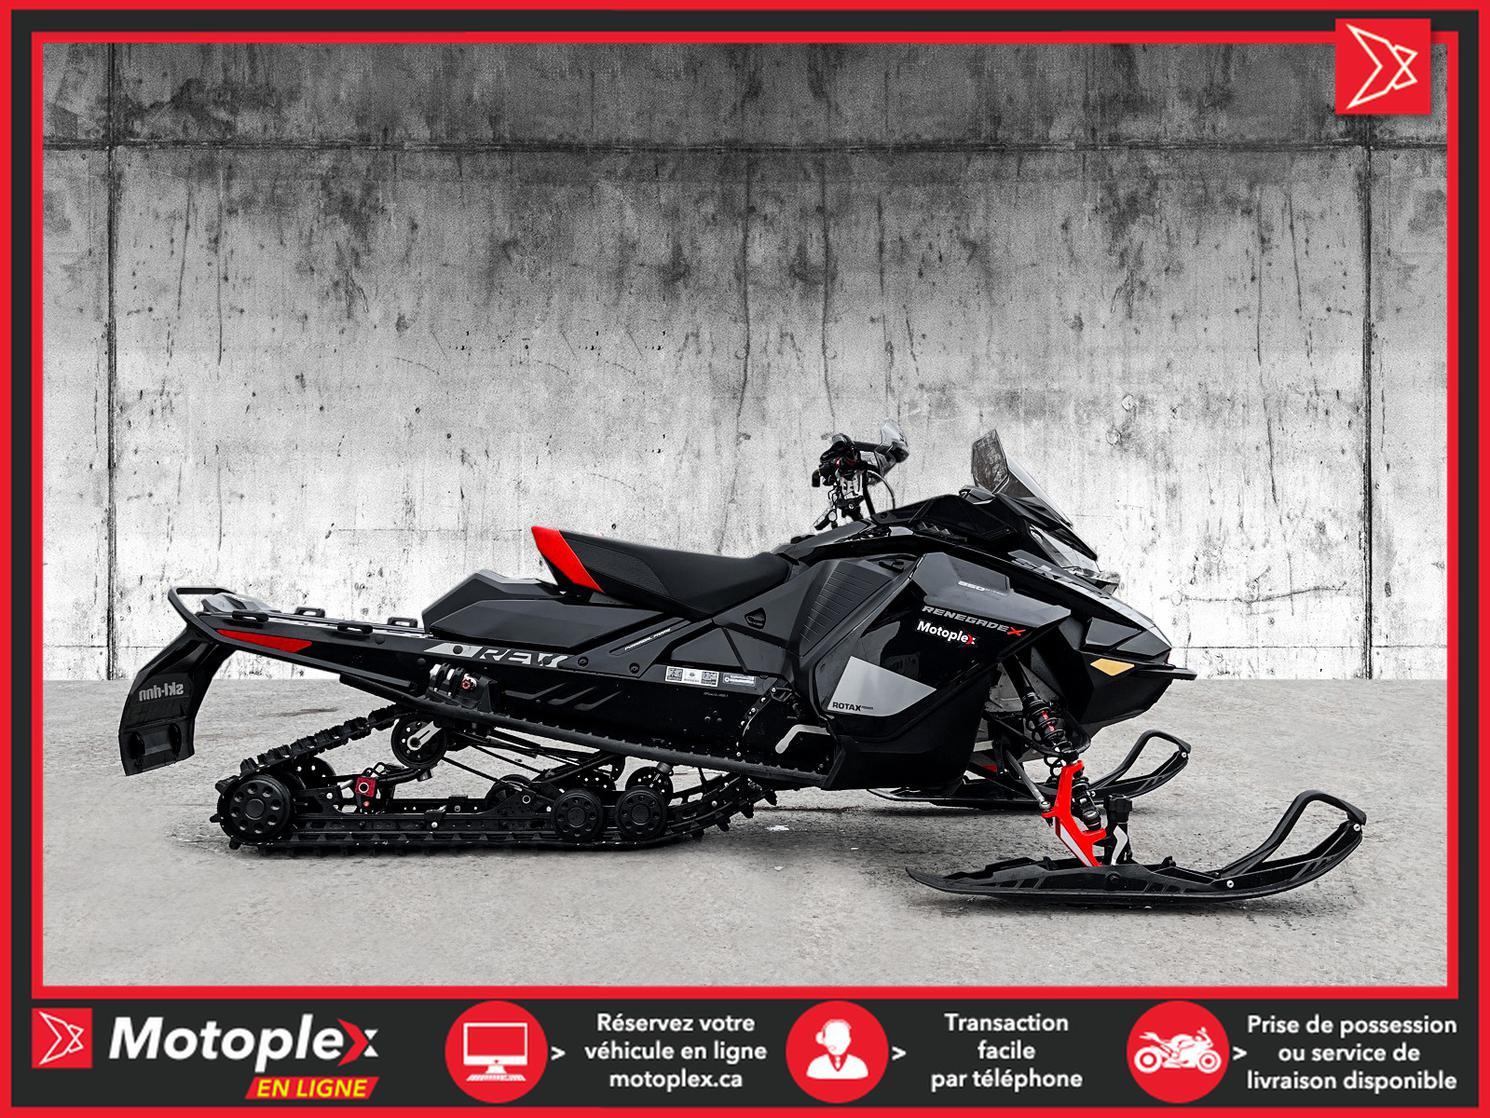 2020 Ski-Doo RENEGADE X 850 E-TEC - 36$/SEMAINE